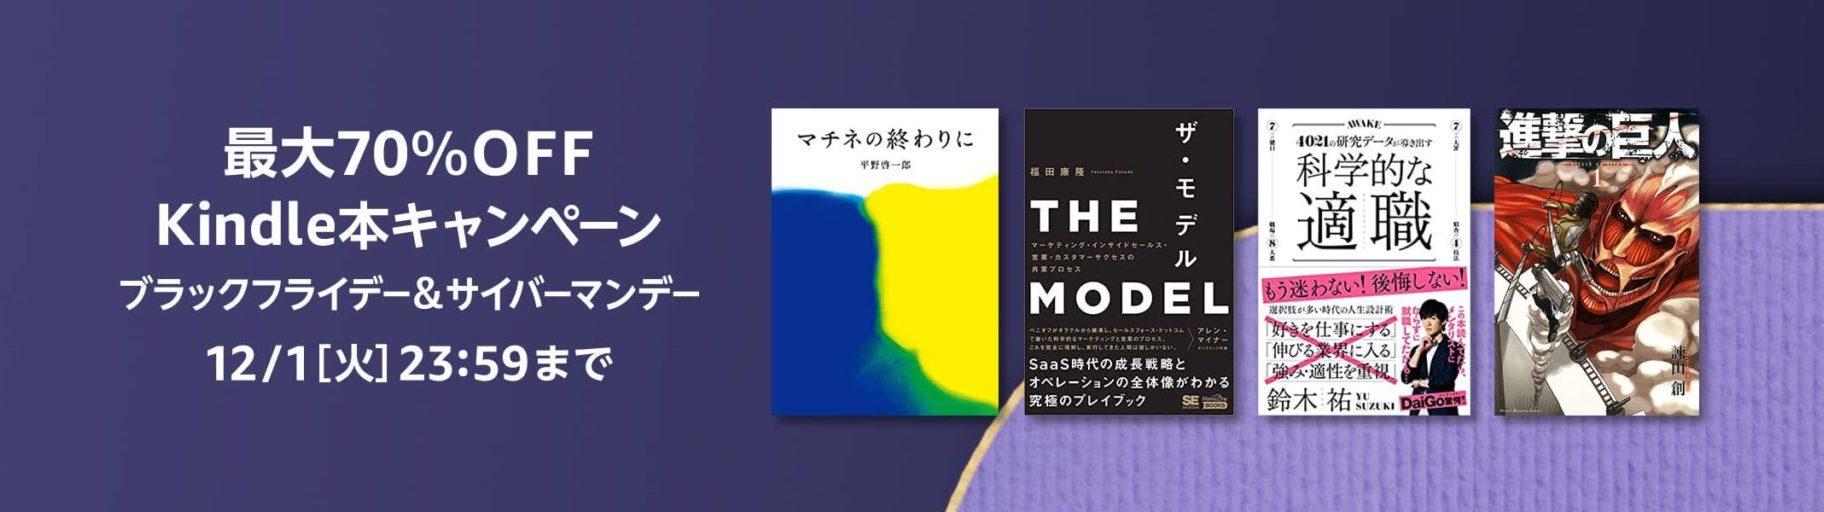 Amazonブラックフライデー&サイバーマンデー Kindle本セール